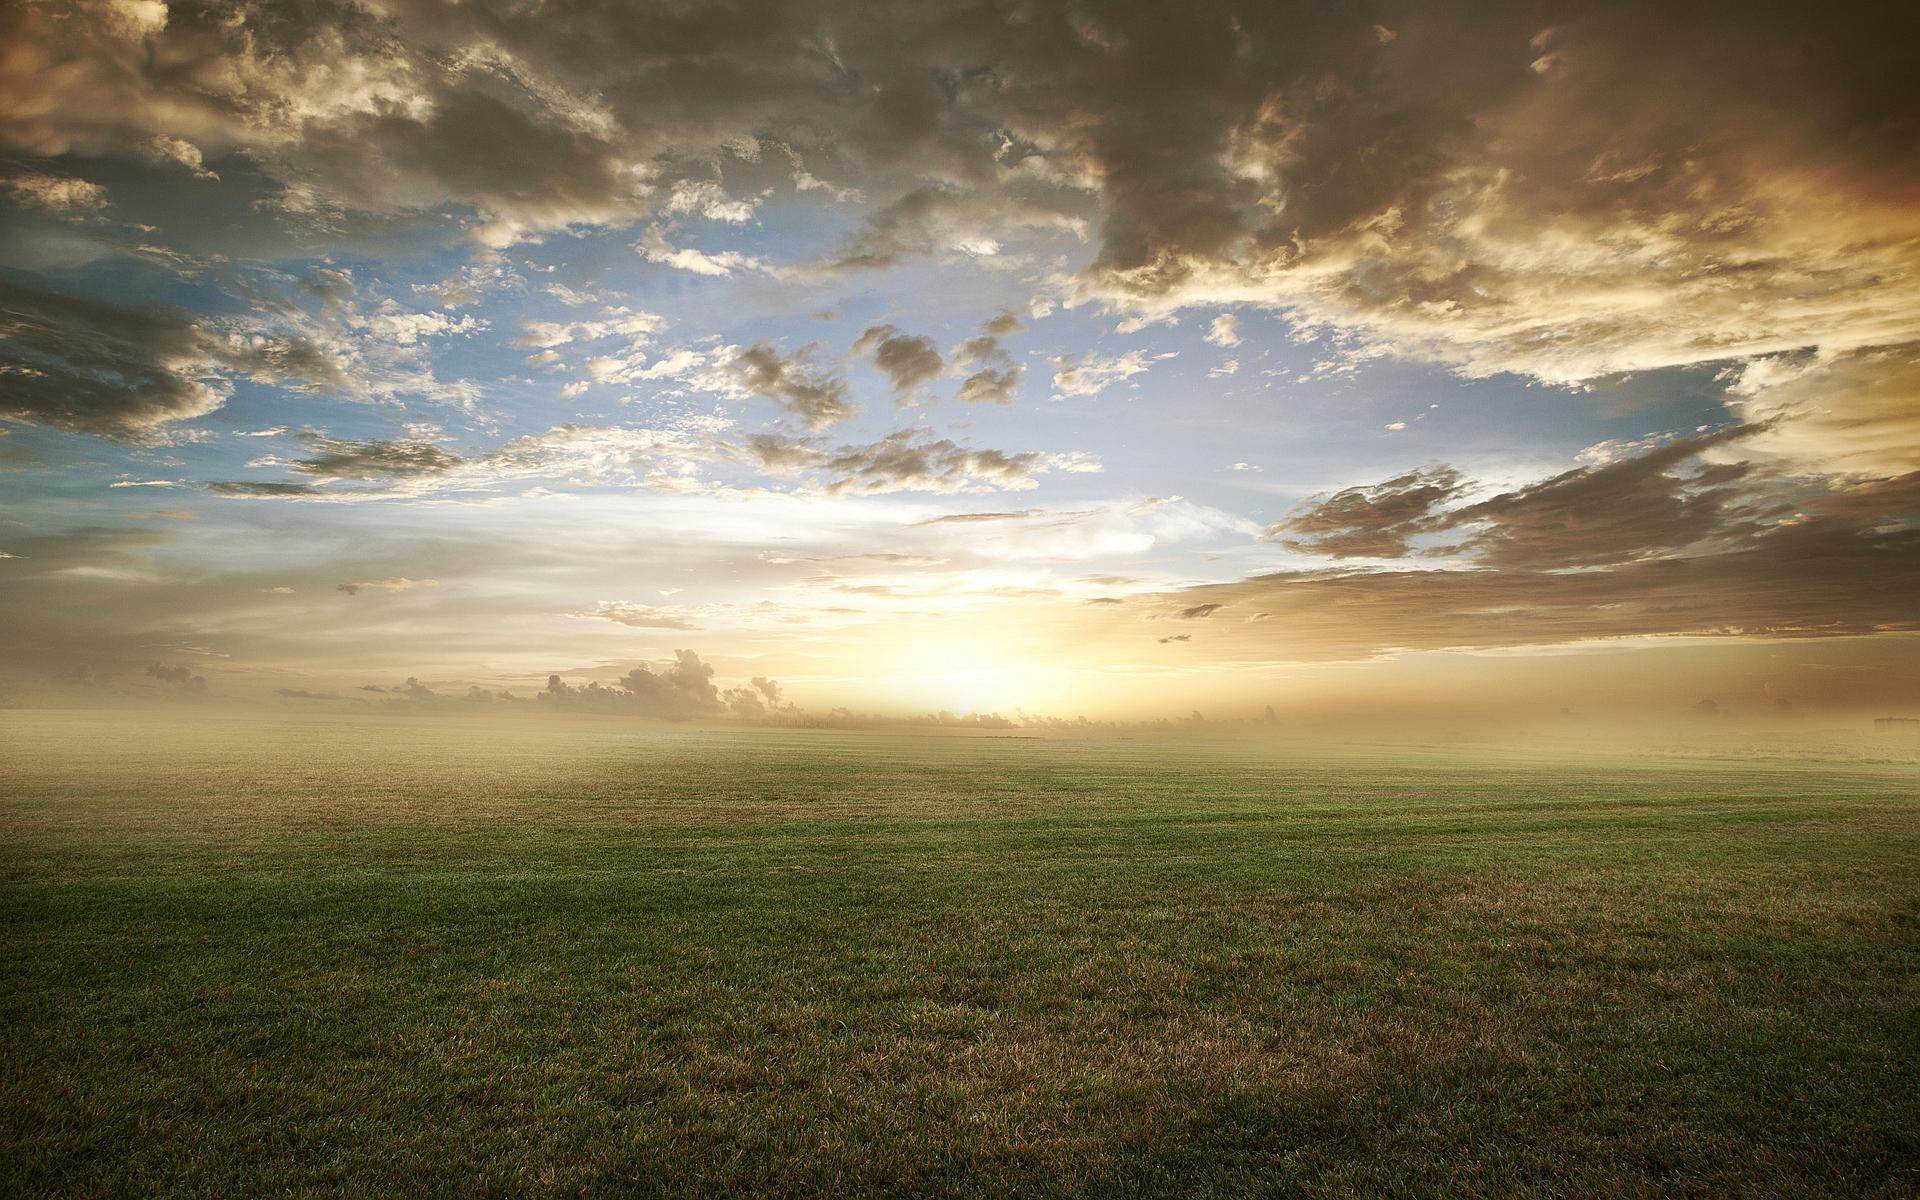 grass wallpaper foggy